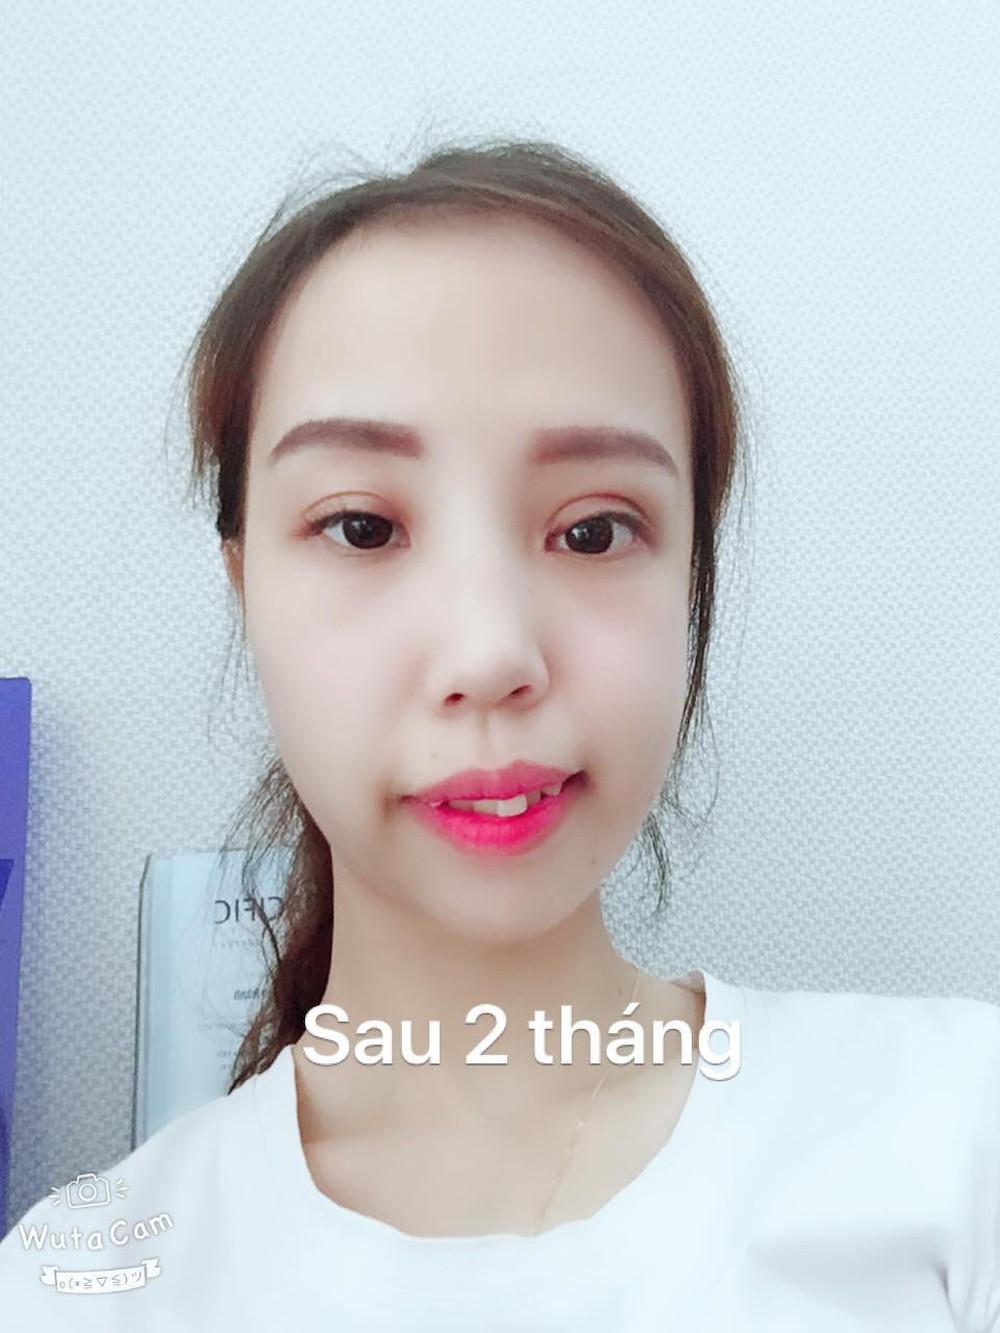 Bị bạn bè trêu chọc vì teo nửa bên mặt, cô gái Hà Nội lột xác sau phẫu thuật thẩm mỹ - Ảnh 10.